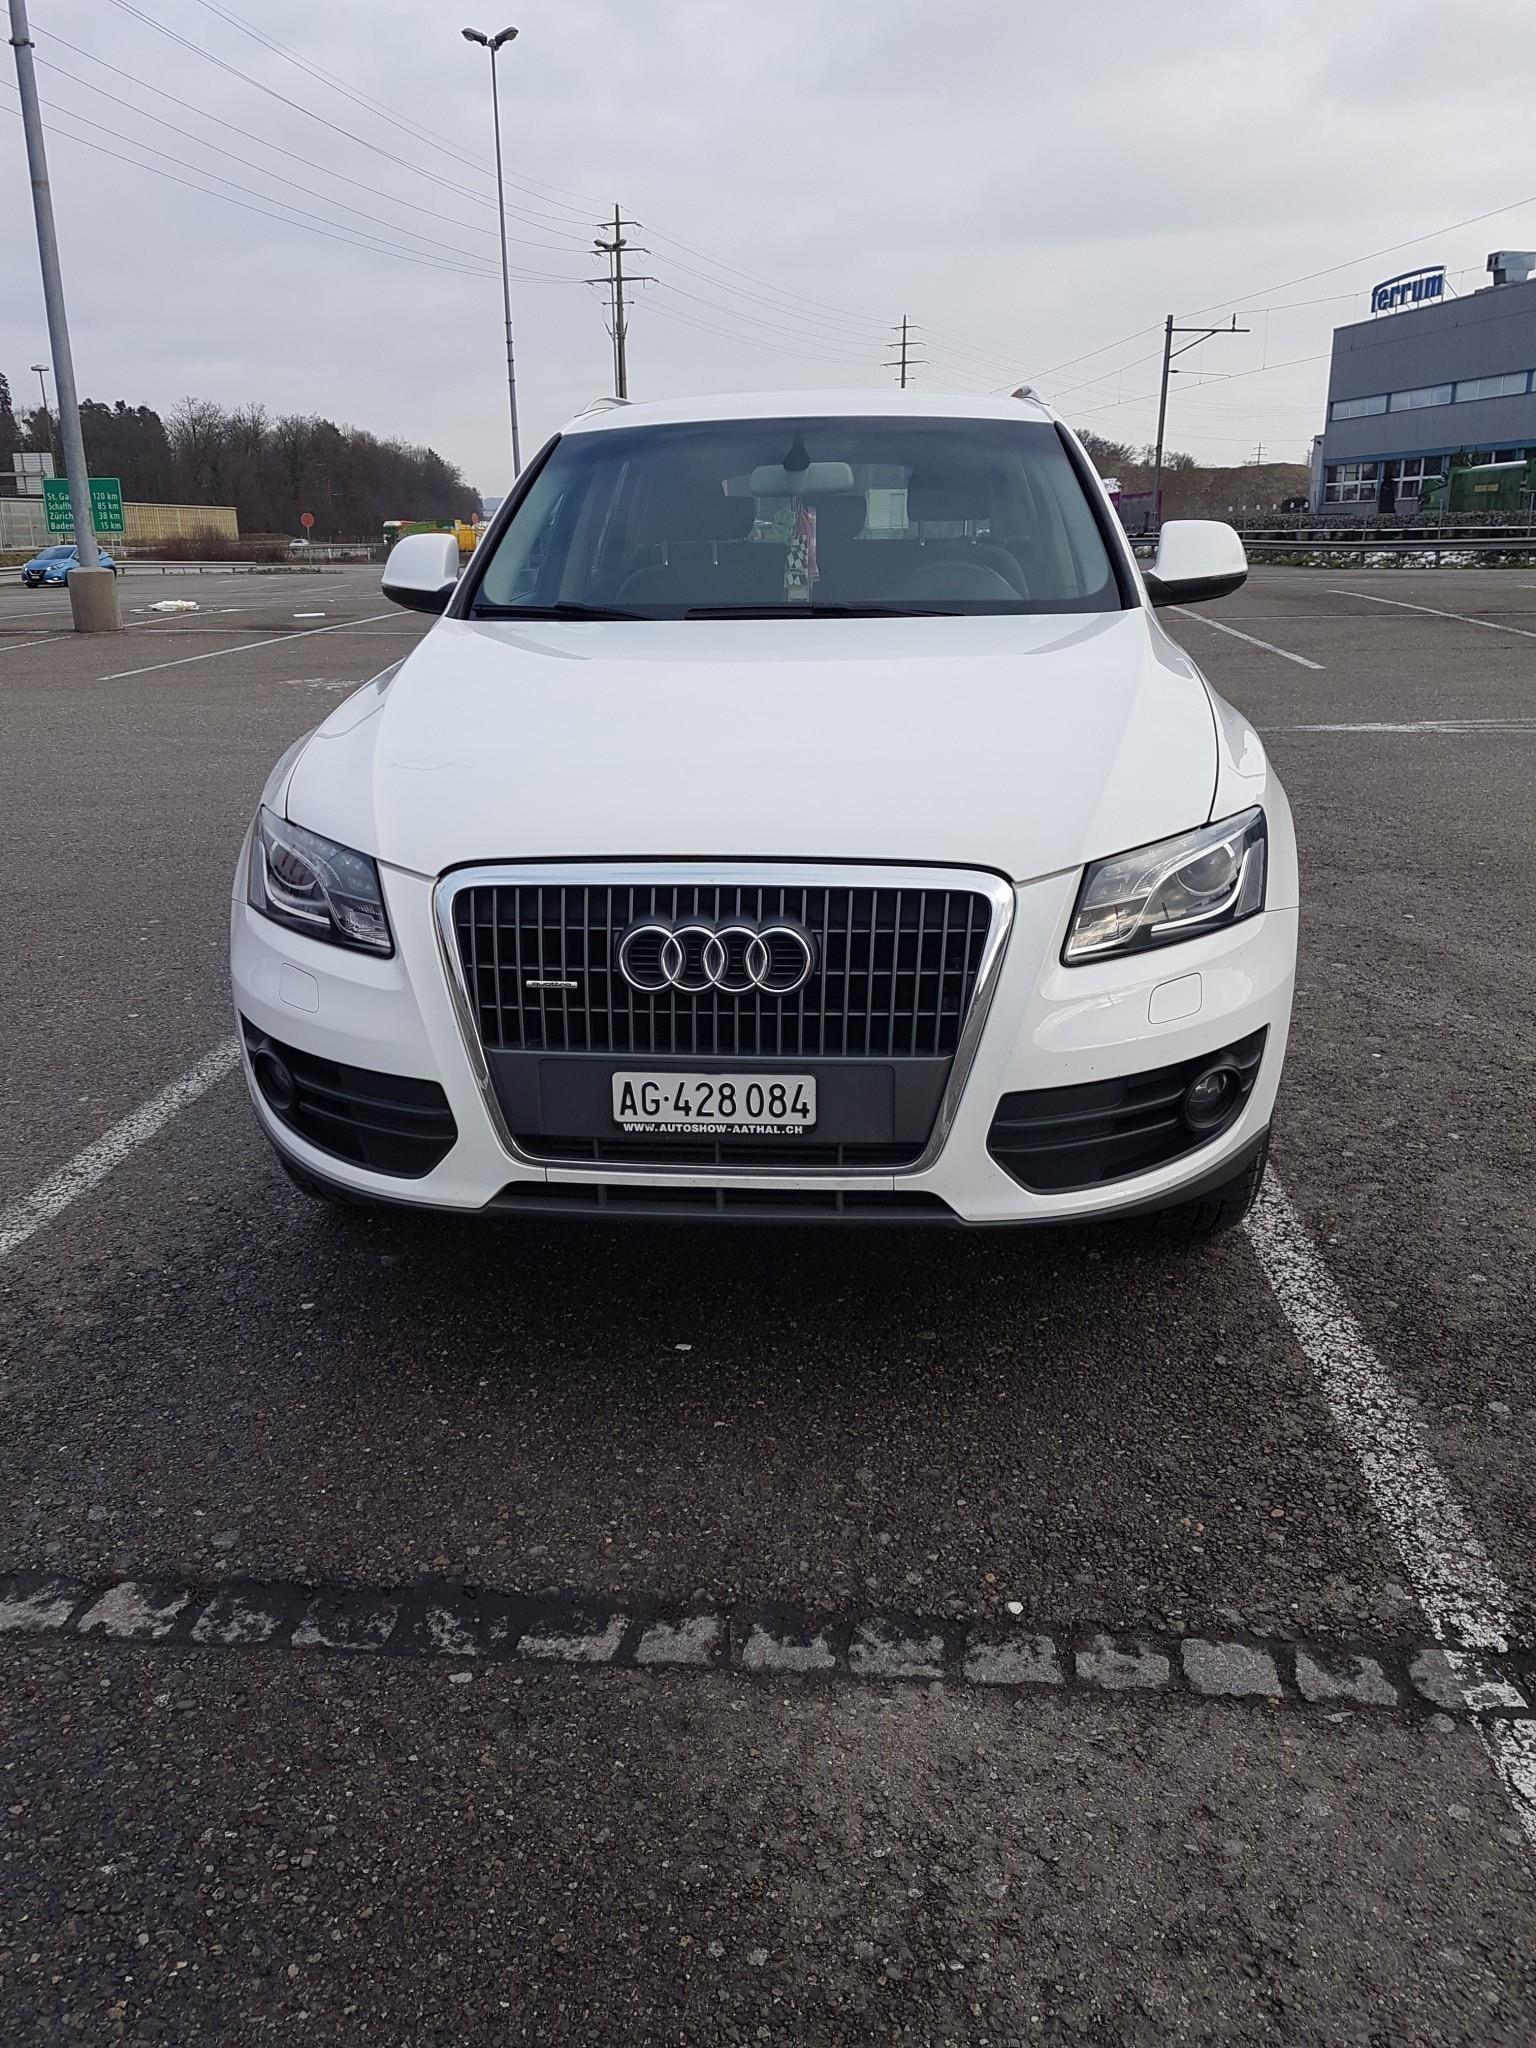 suv Audi Q5 Sehr gepflegte audi Q5 ,Frisch Mfk 08.01.2021